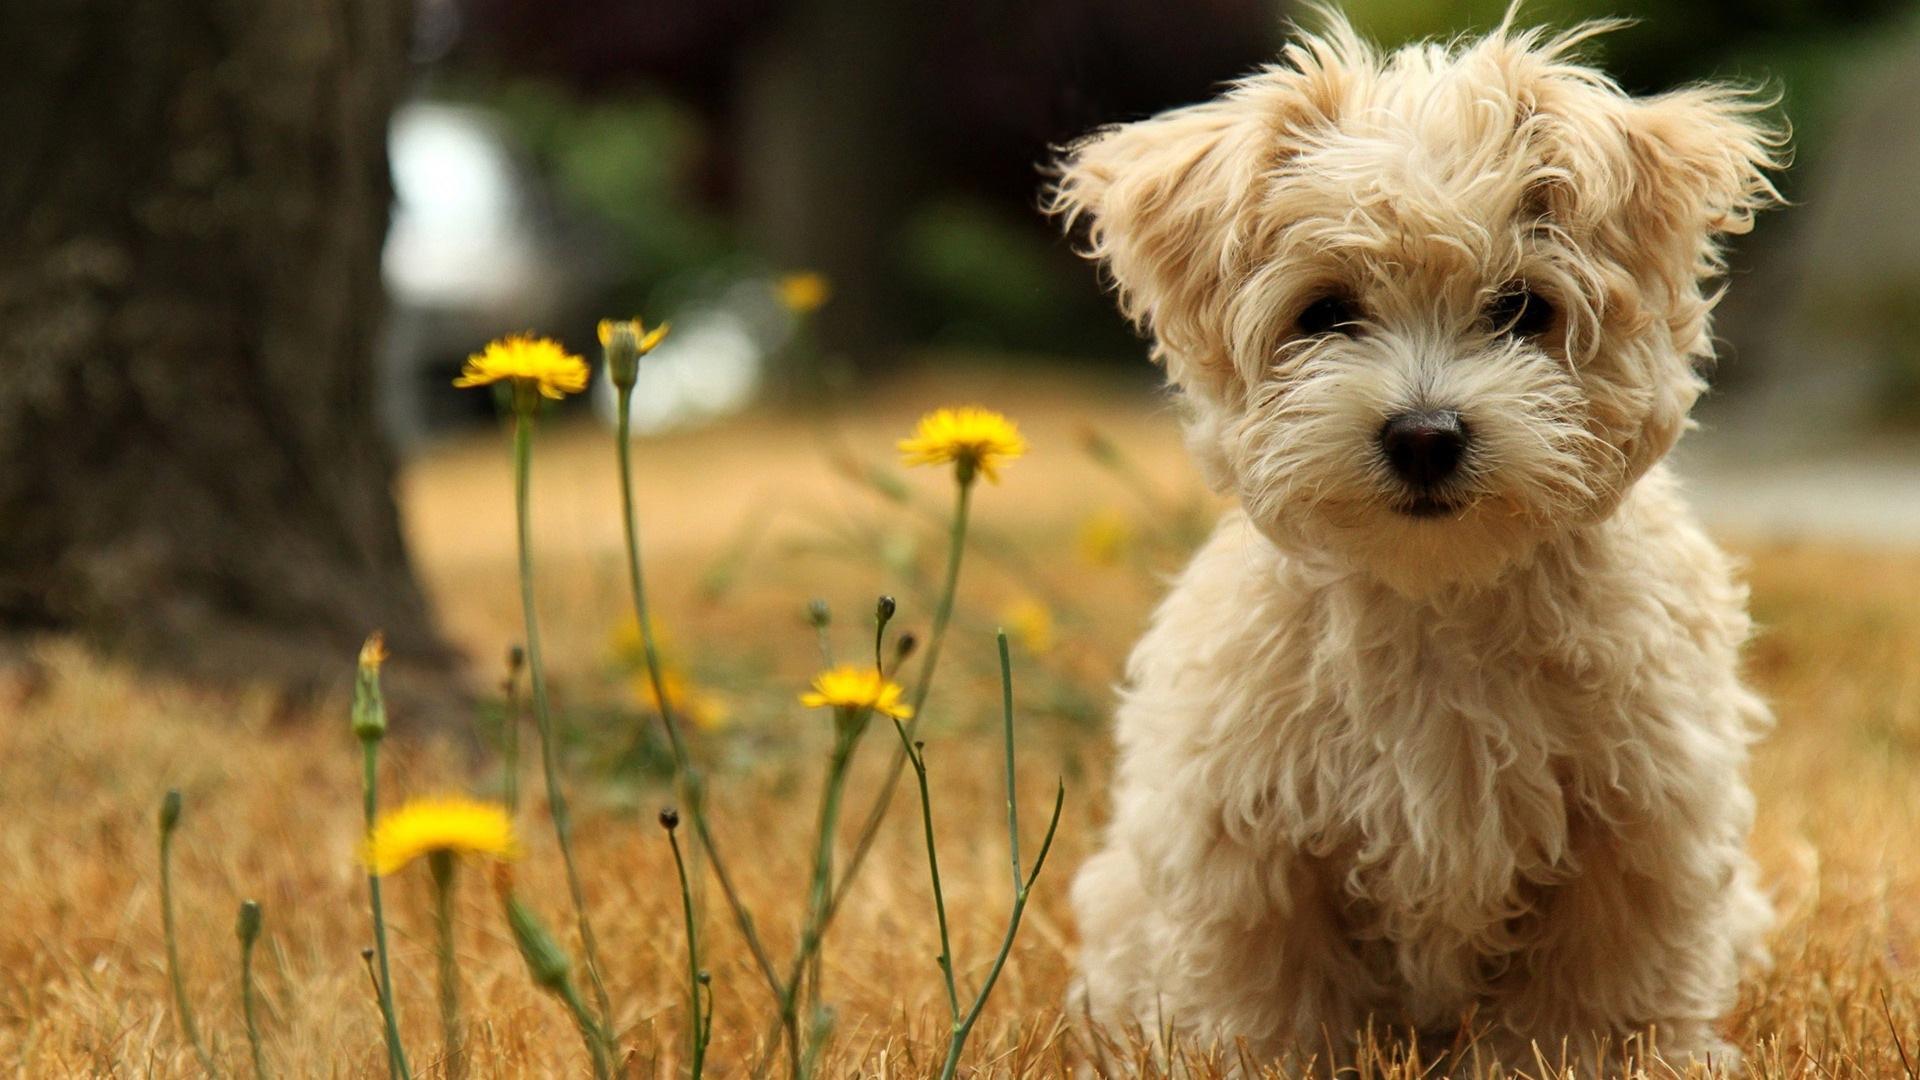 havanese dog breed little or no shedding